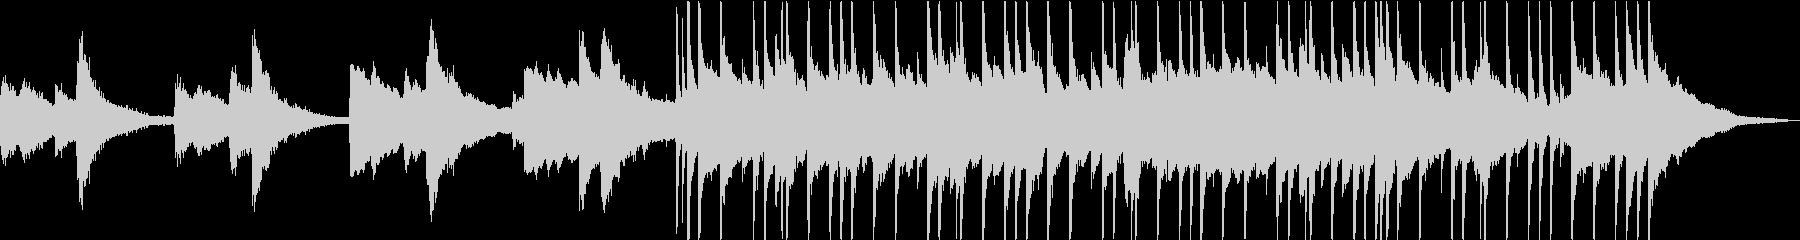 退廃的なイメージのロックポップスの未再生の波形